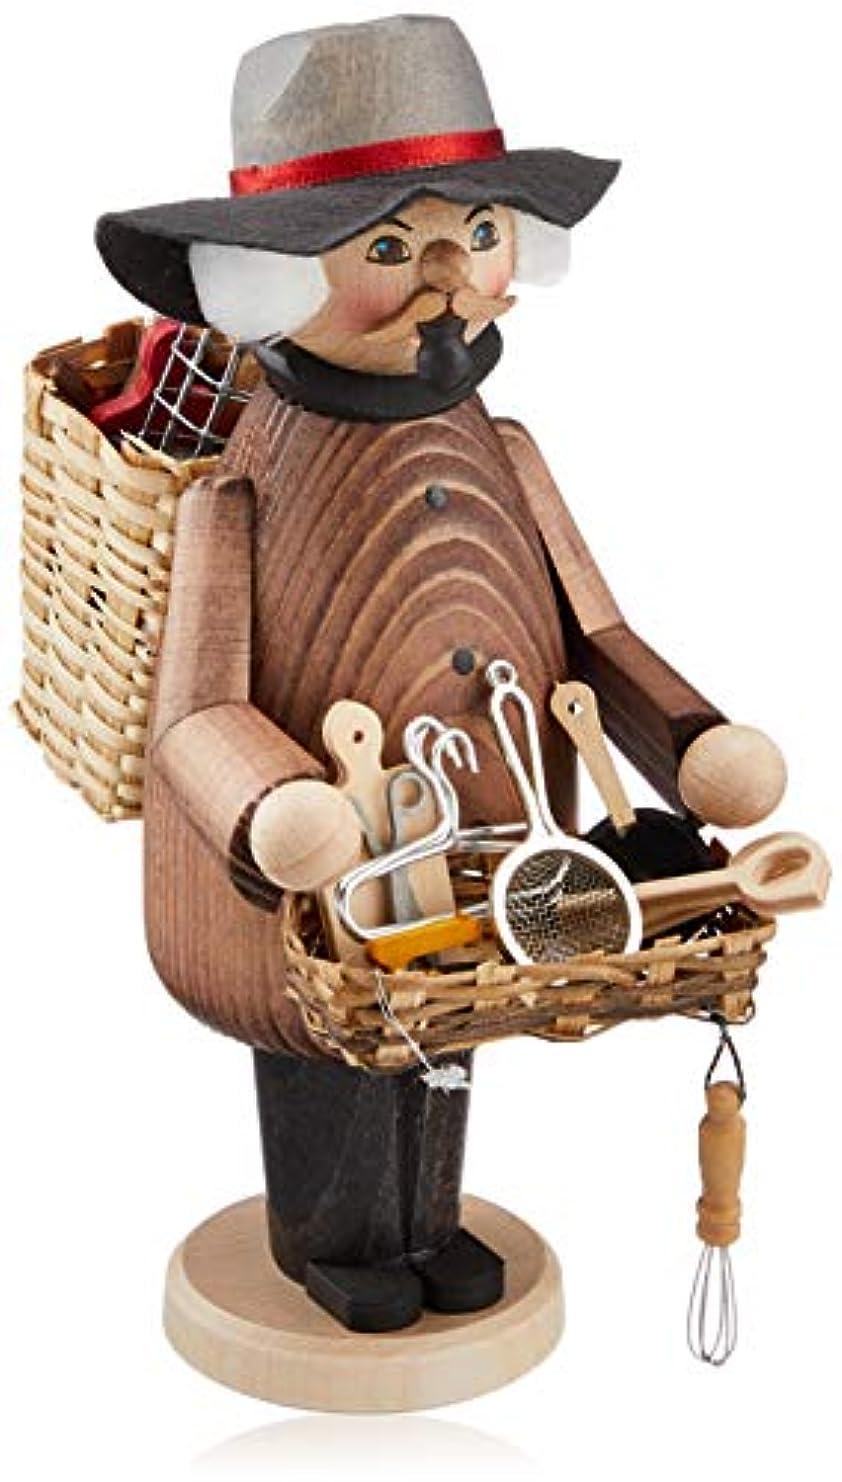 サポート馬鹿政策kuhnert ミニパイプ人形香炉 道具売り